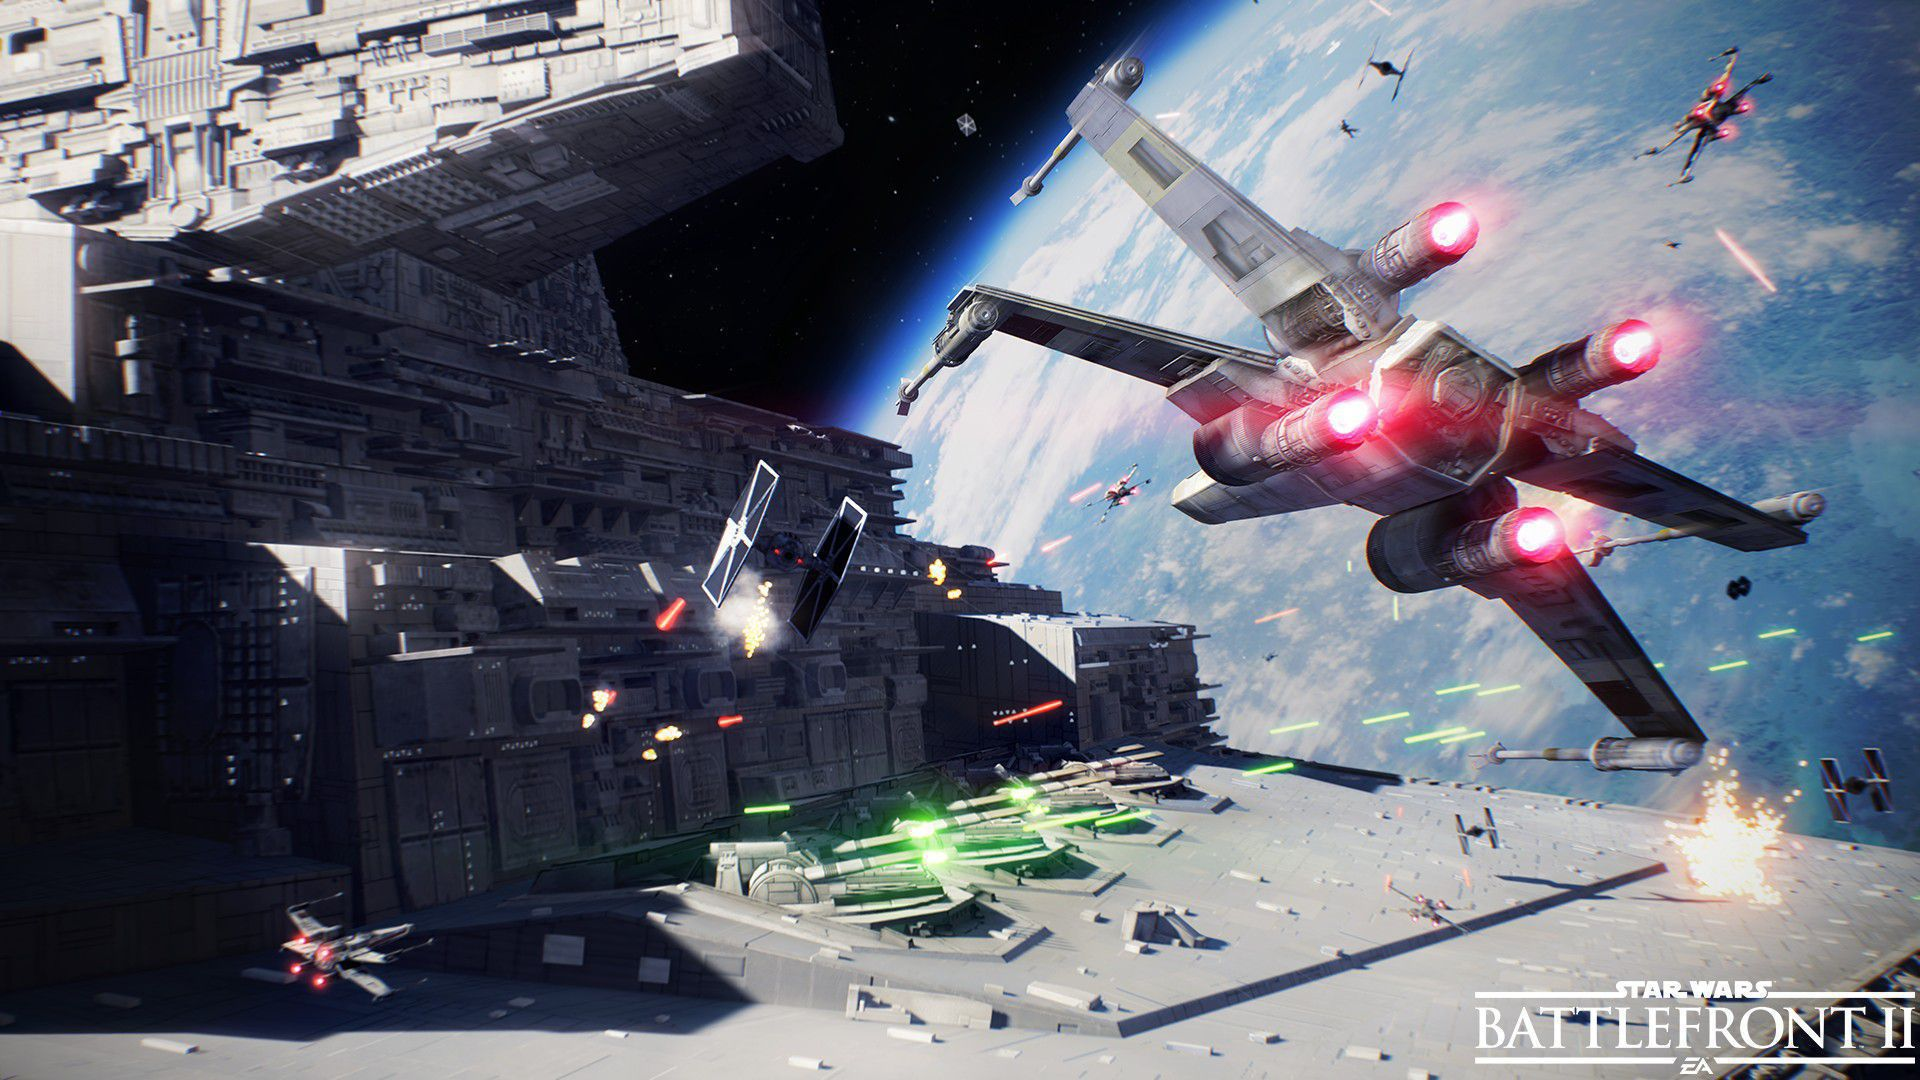 Star Wars Battlefront II HD Background